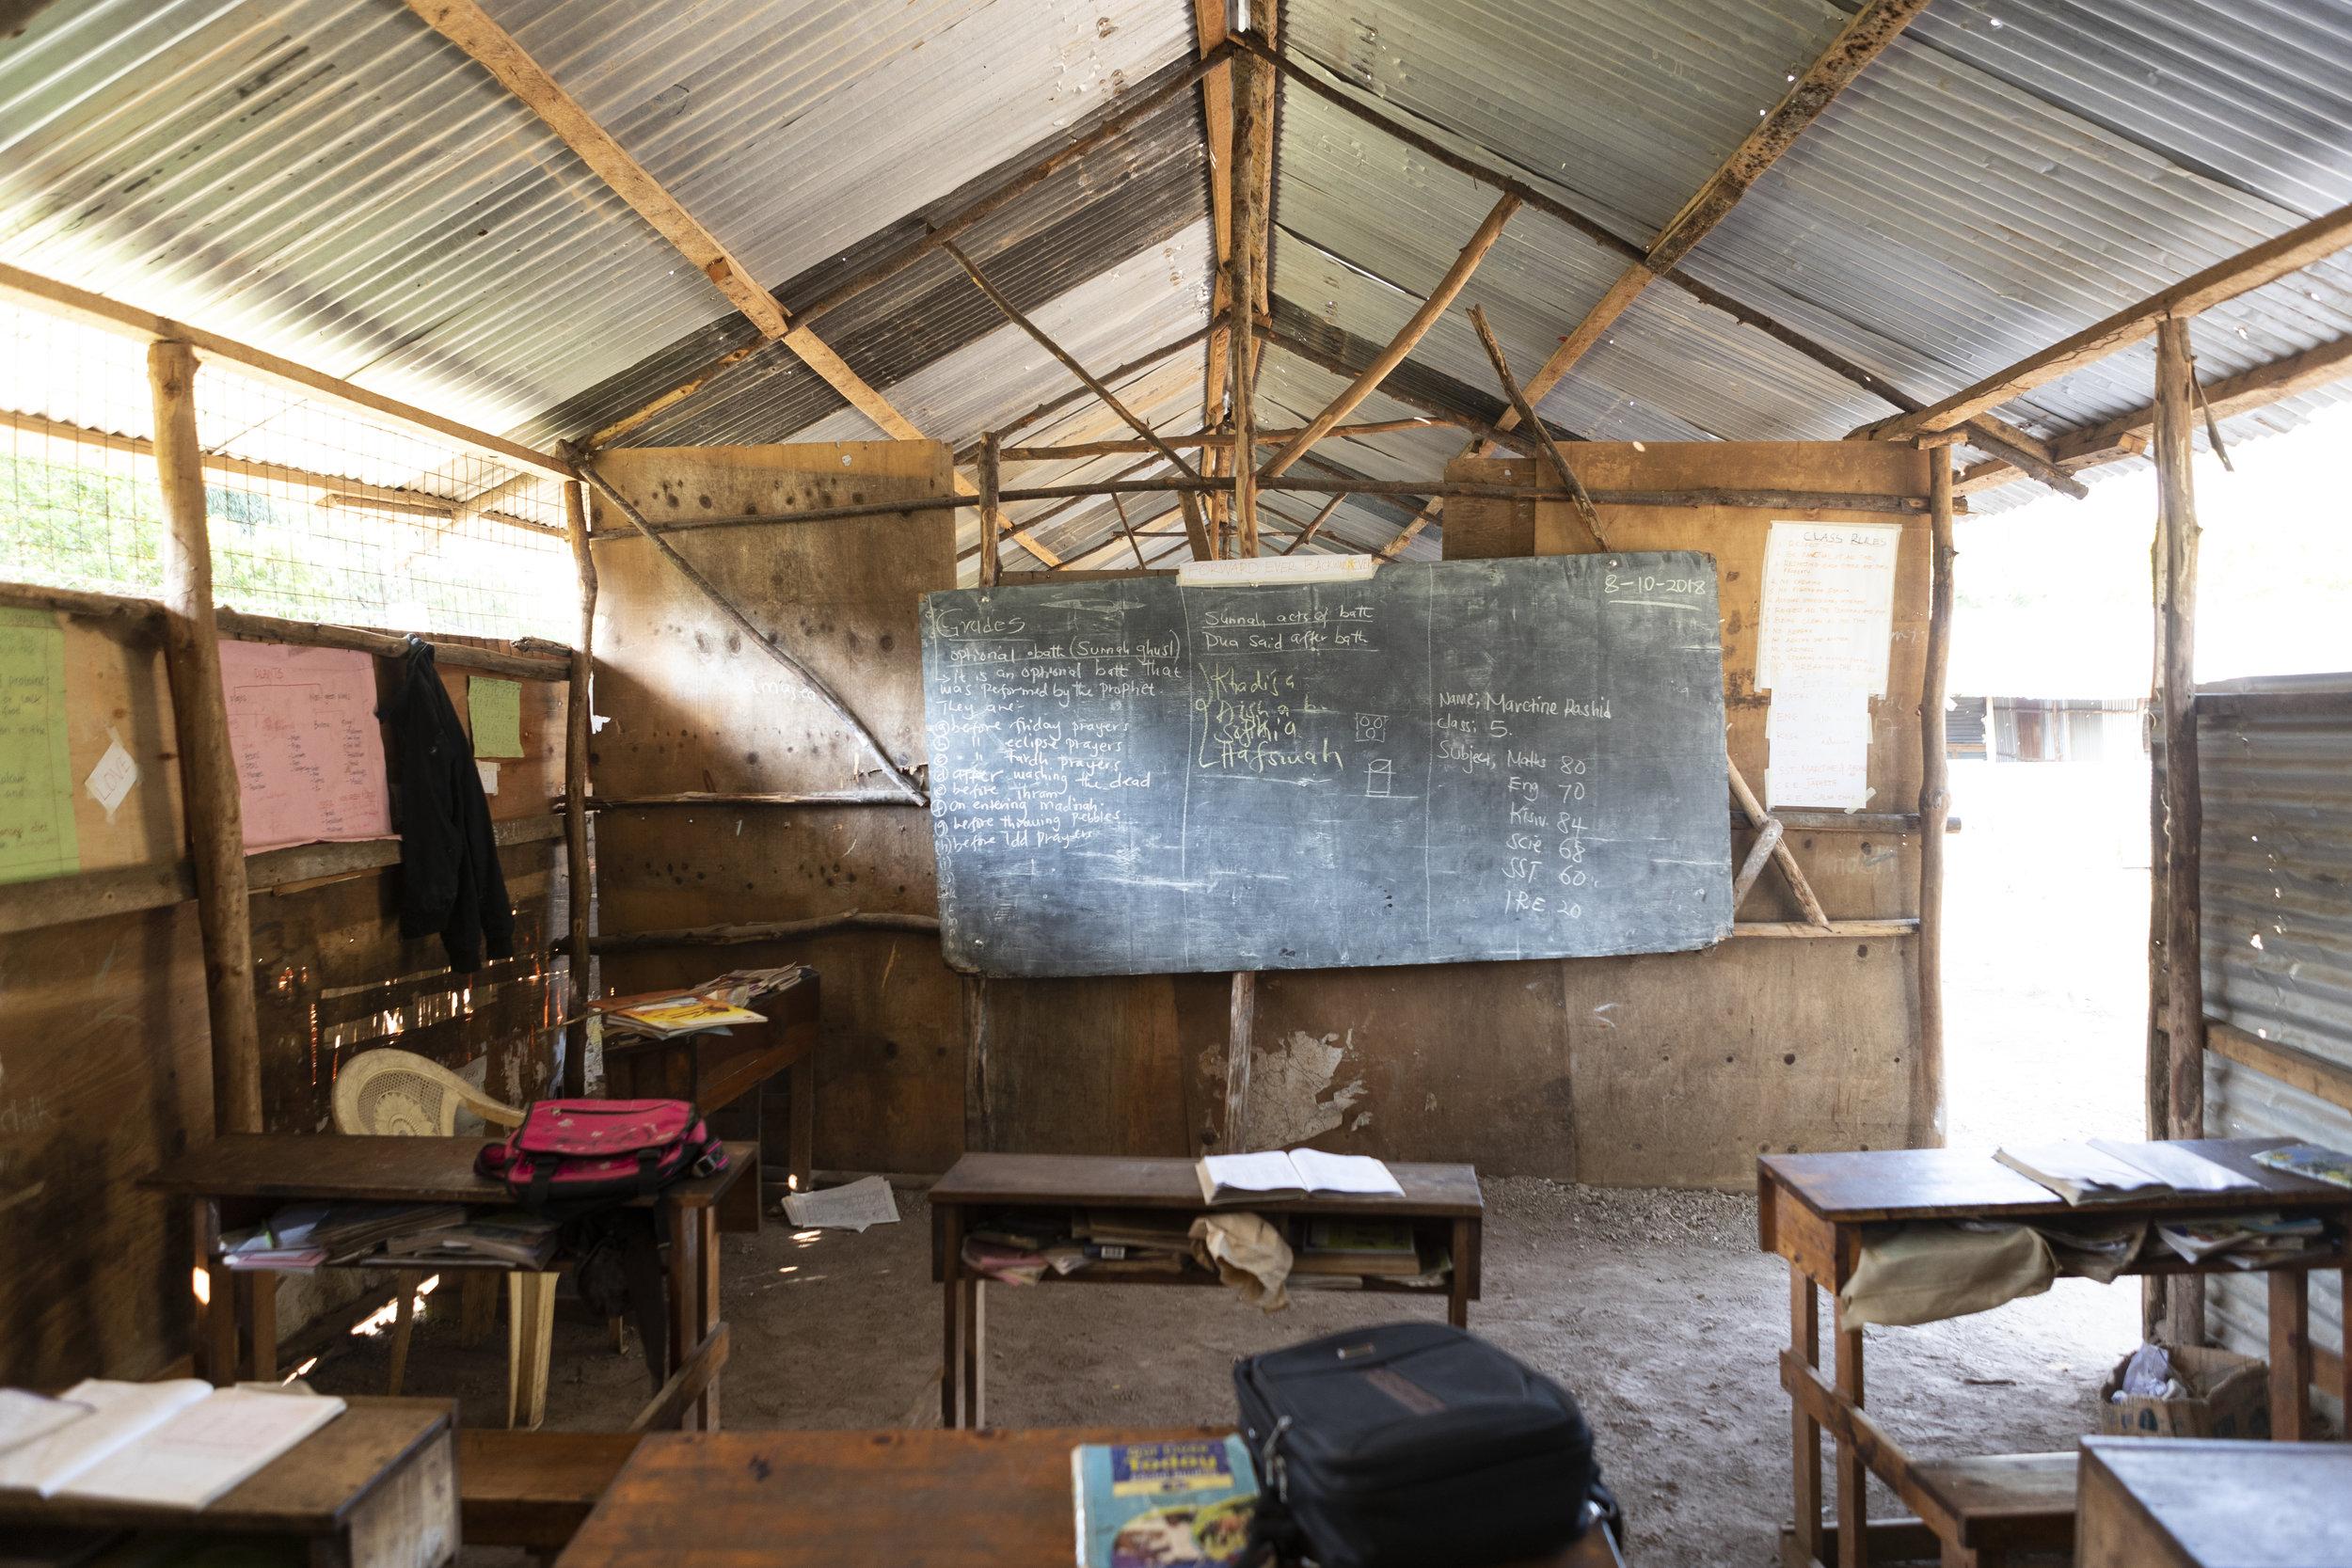 So sieht das aktuelle provisorische Klassenzimmer aus. (Foto: Milan Rohrer)